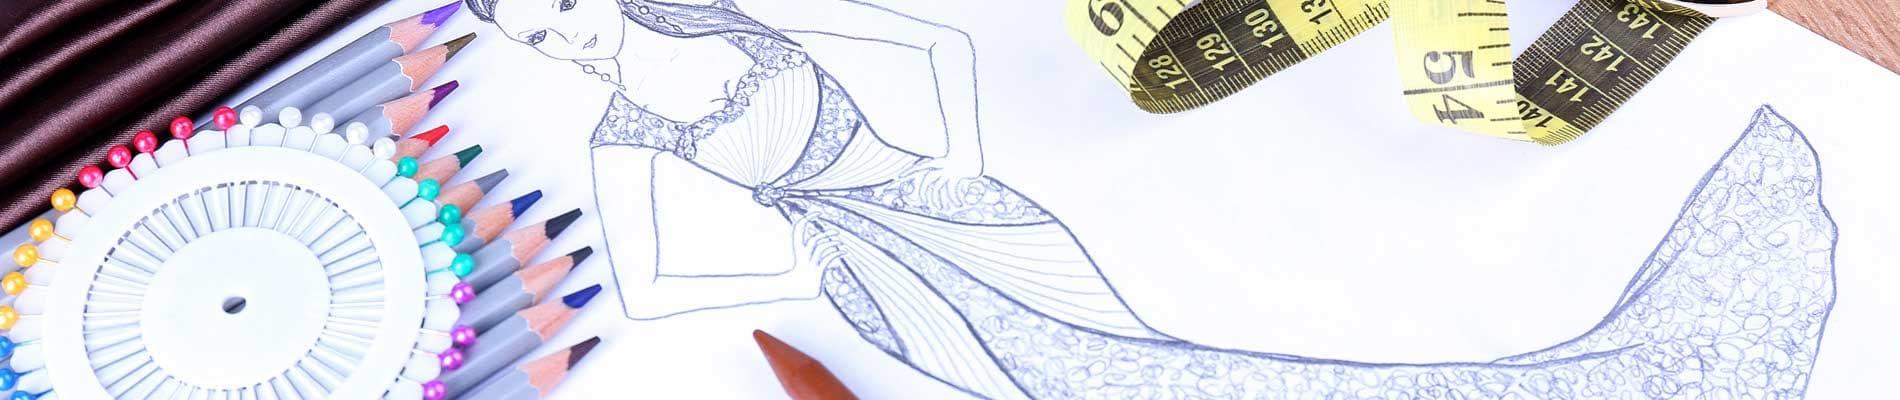 Diseño textil y de moda